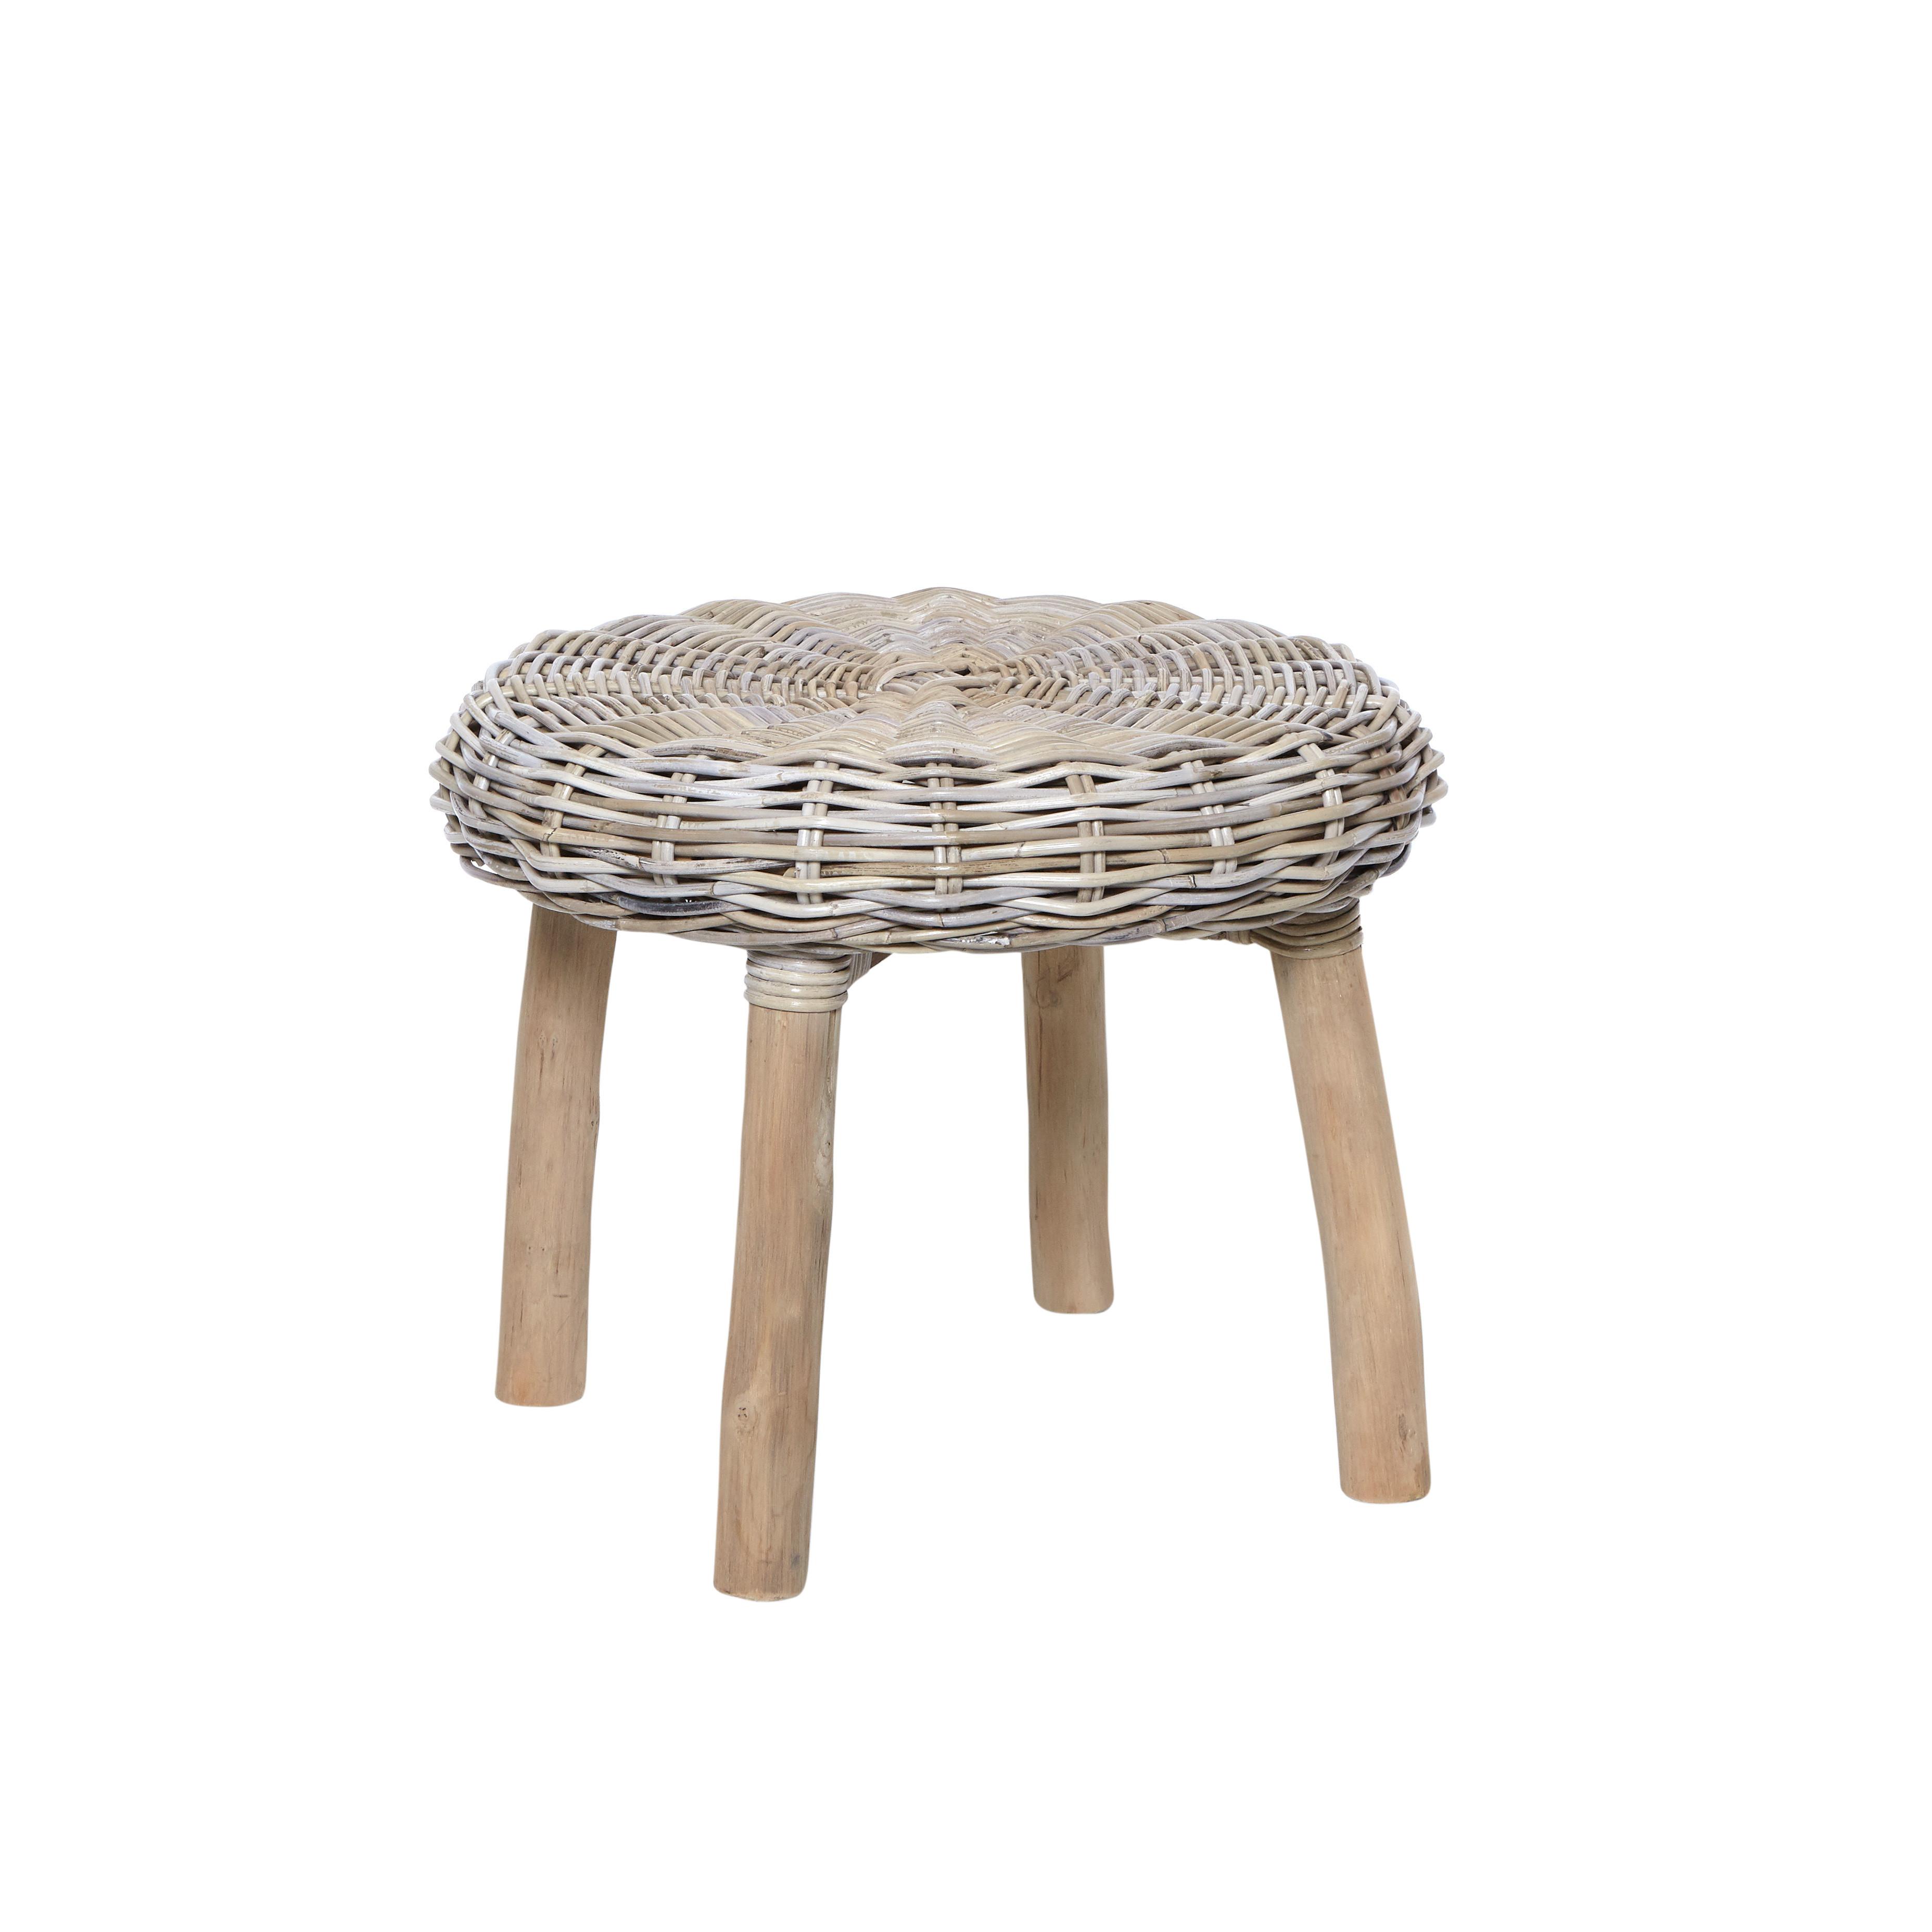 Tavolino rattan intrecciato Bungalow, Nero, large image number 0